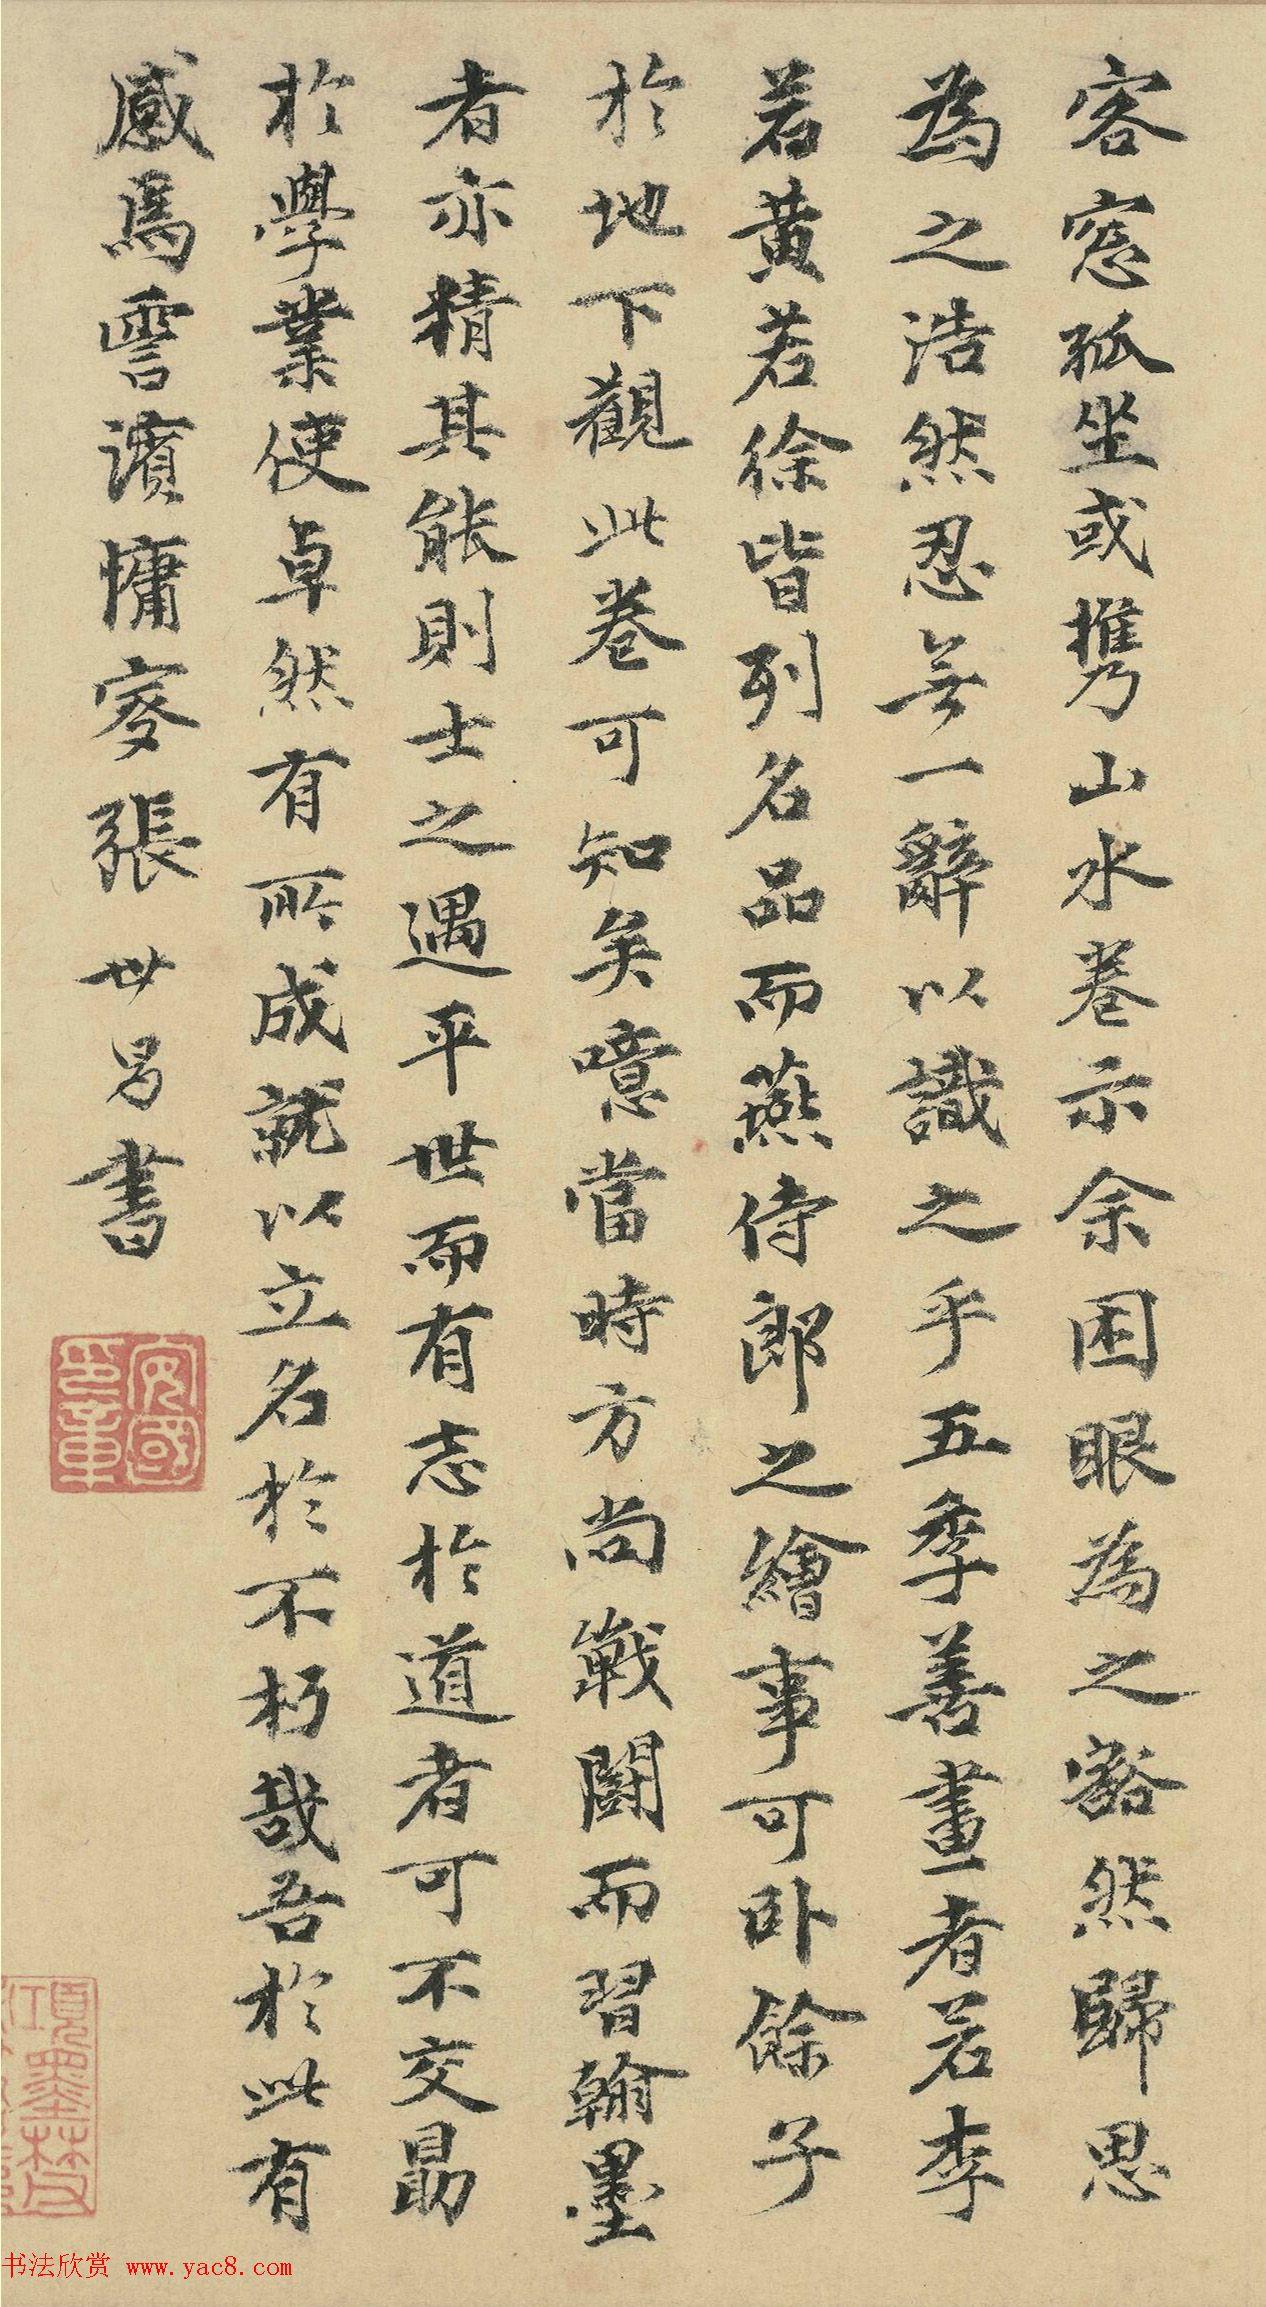 陈世昌、张世昌、程雍书法题春山图